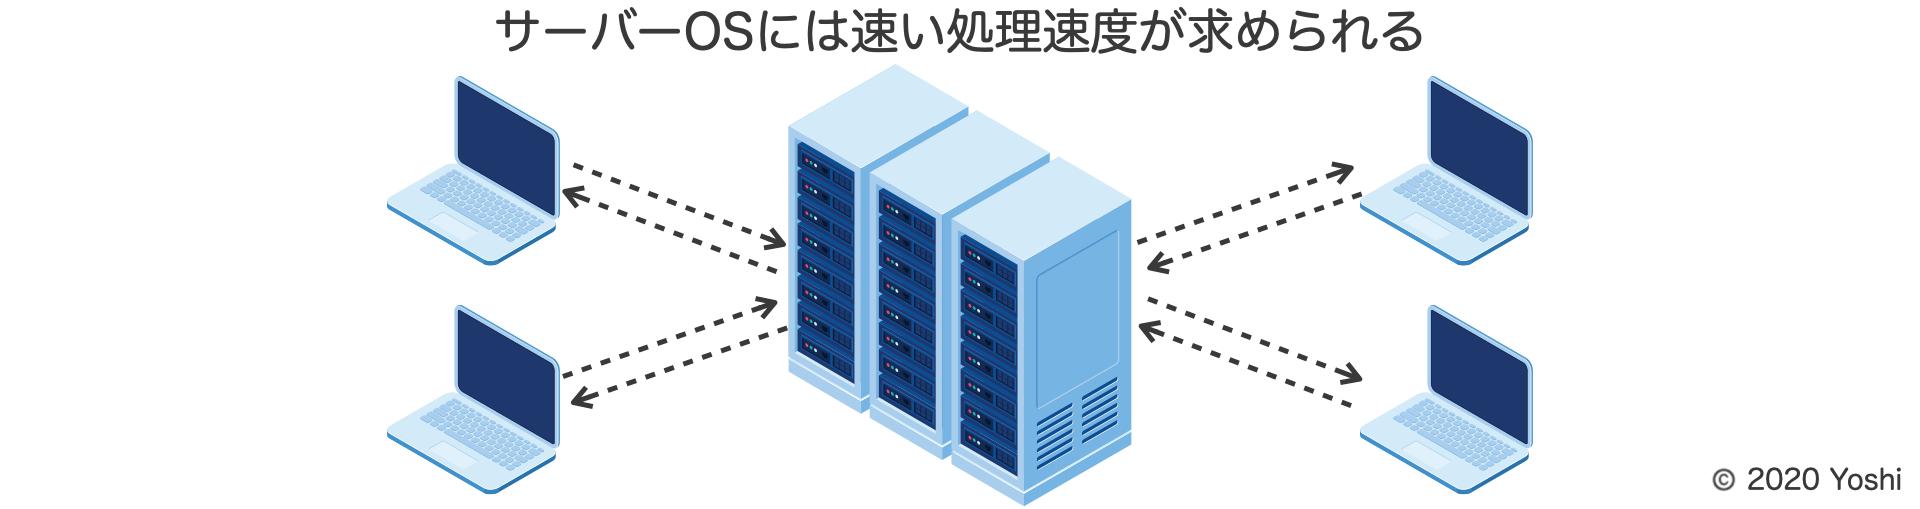 Webサーバは同時アクセスに応答できる必要がある